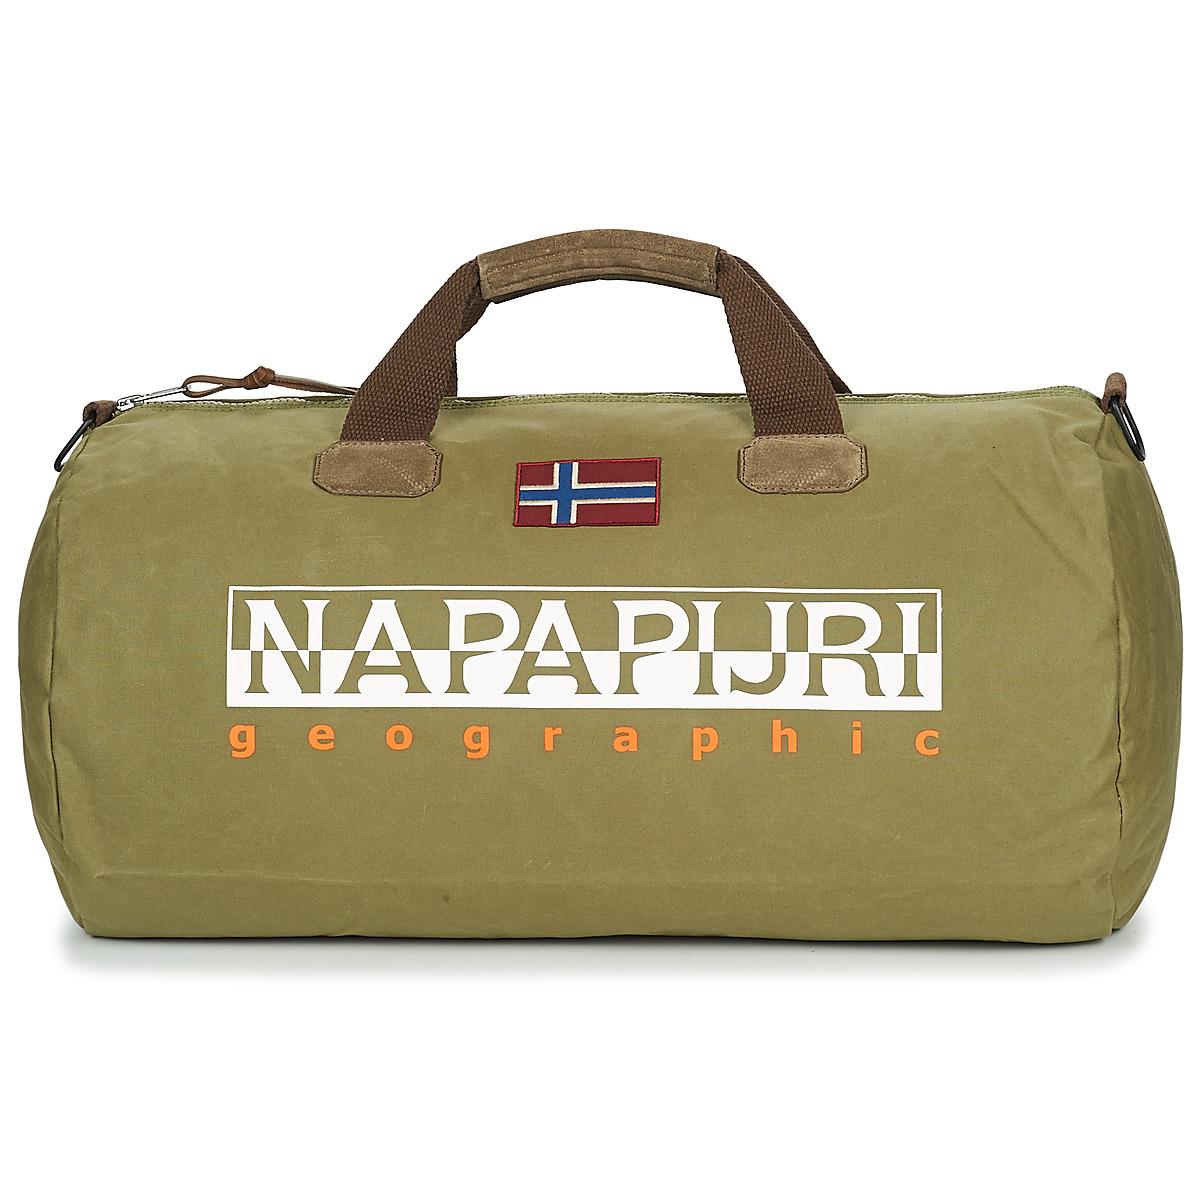 fef221ae60 Borsa da viaggio donna Napapijri BERING 1 13702837 | Spedizione Gratuita